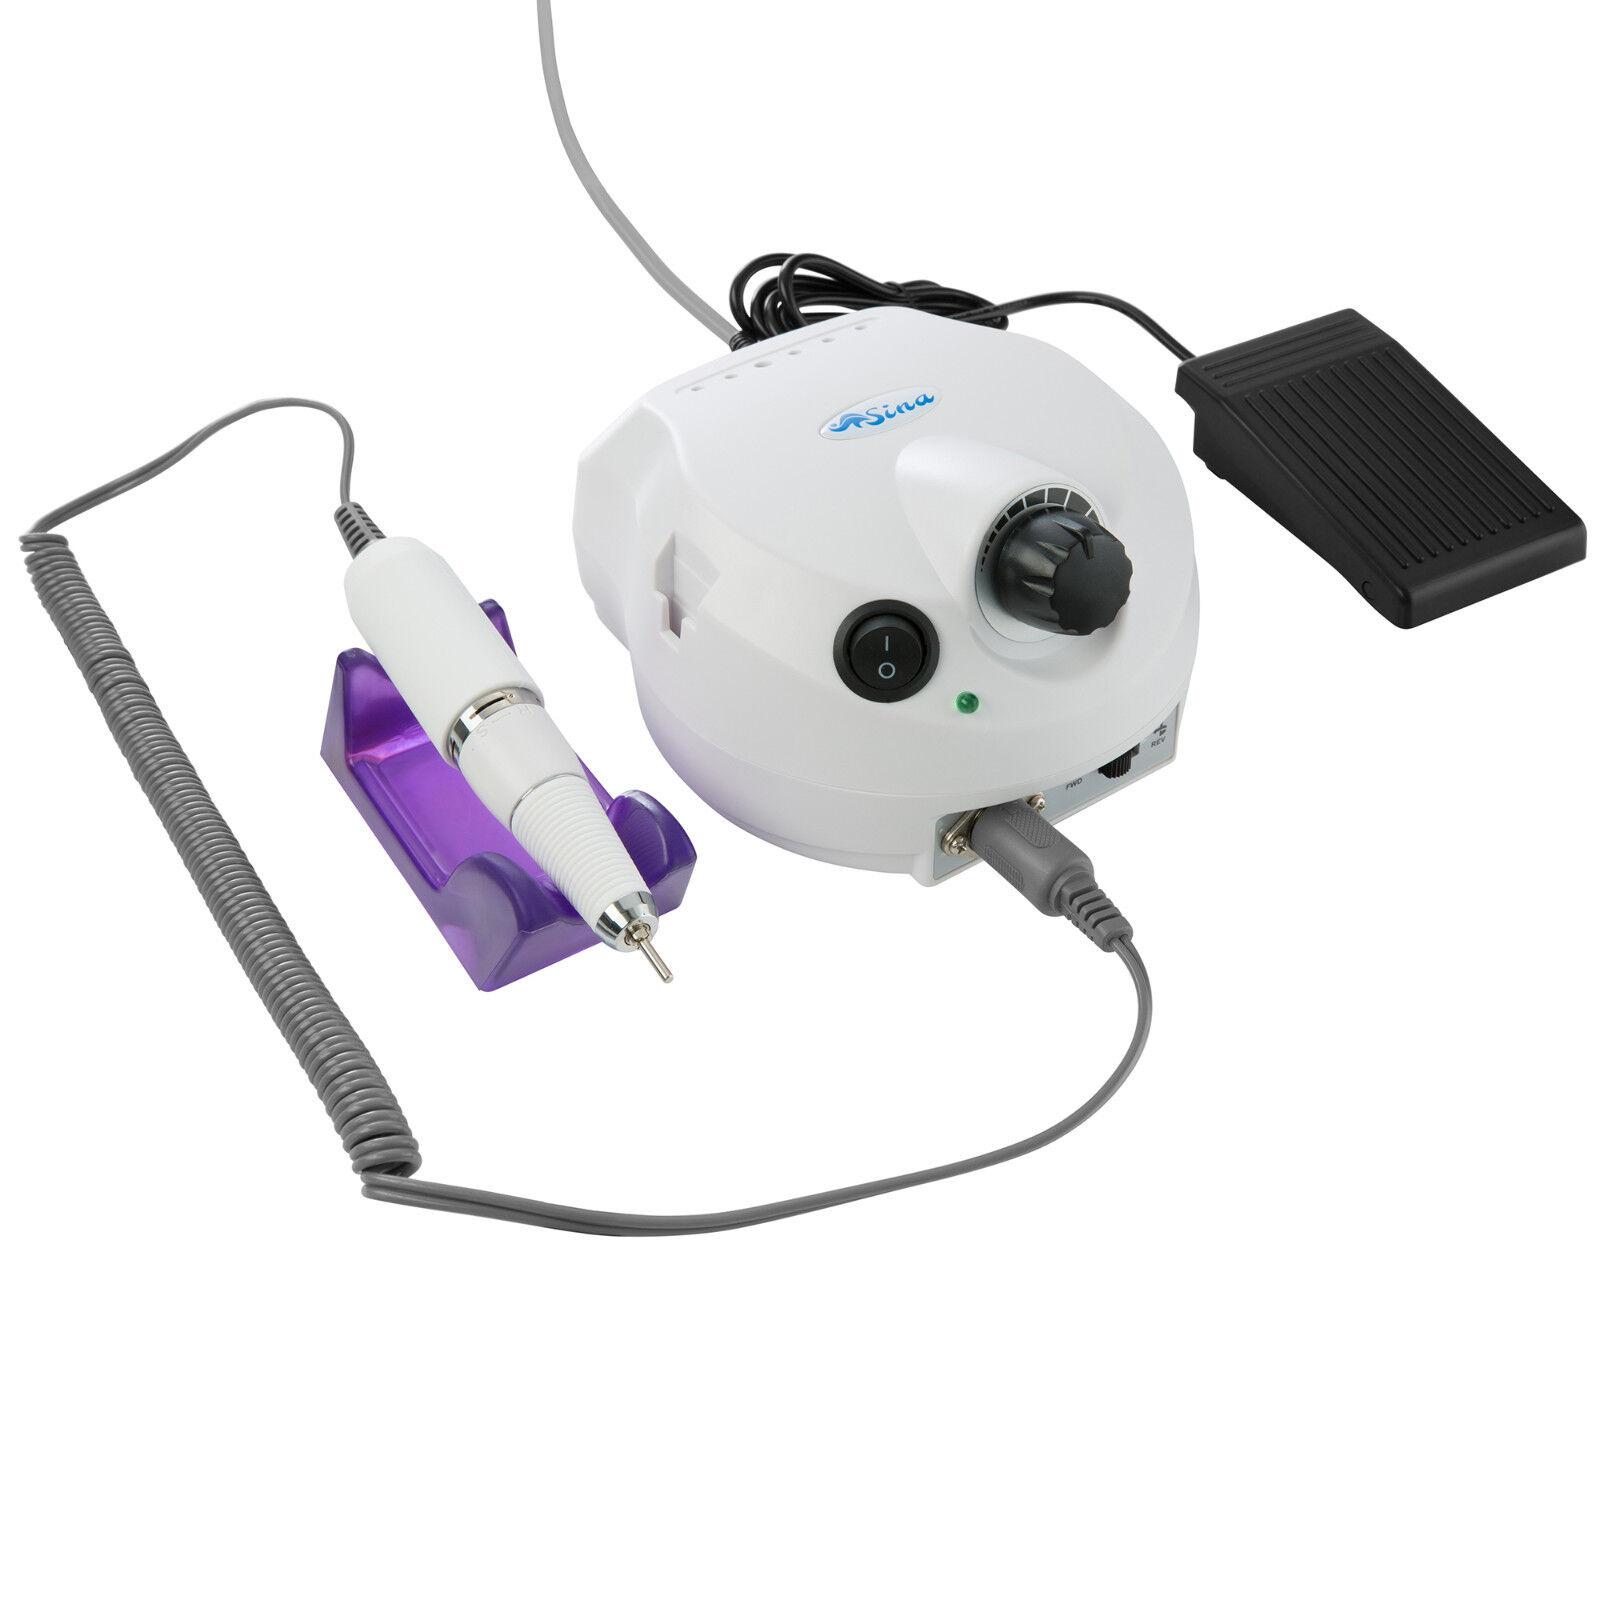 Nagelfräser Set Nagelstudio für Pediküre und Maniküre elektrische Nagelfeile